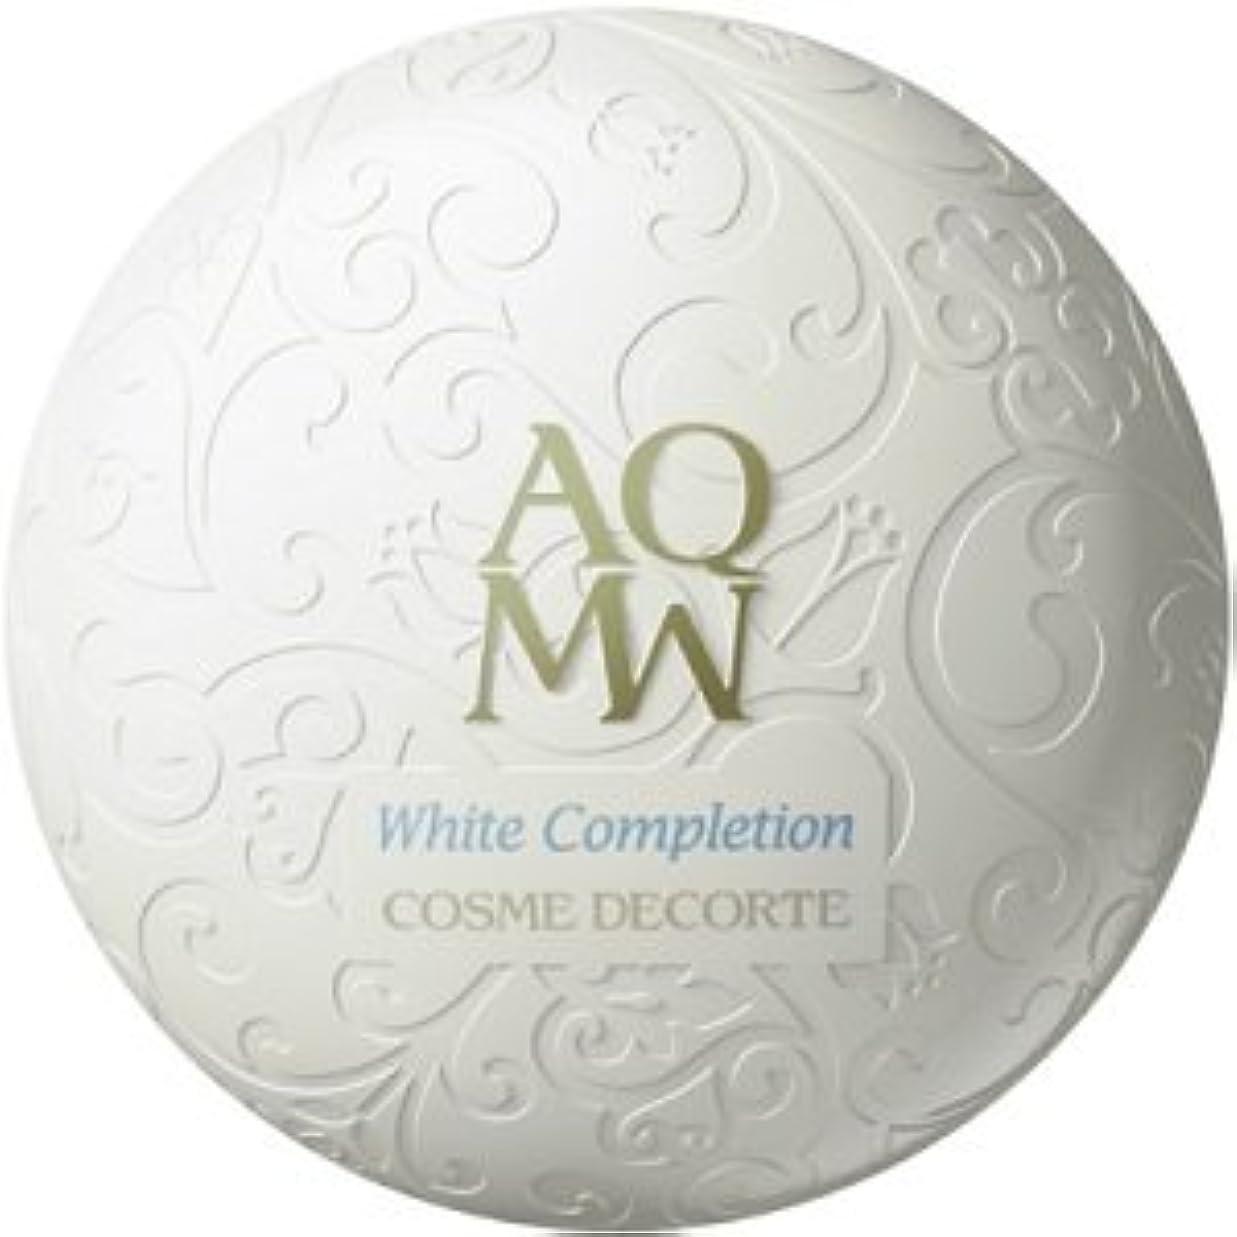 注意教育学多数のコスメデコルテ AQMW ホワイトコンプリーション 25g